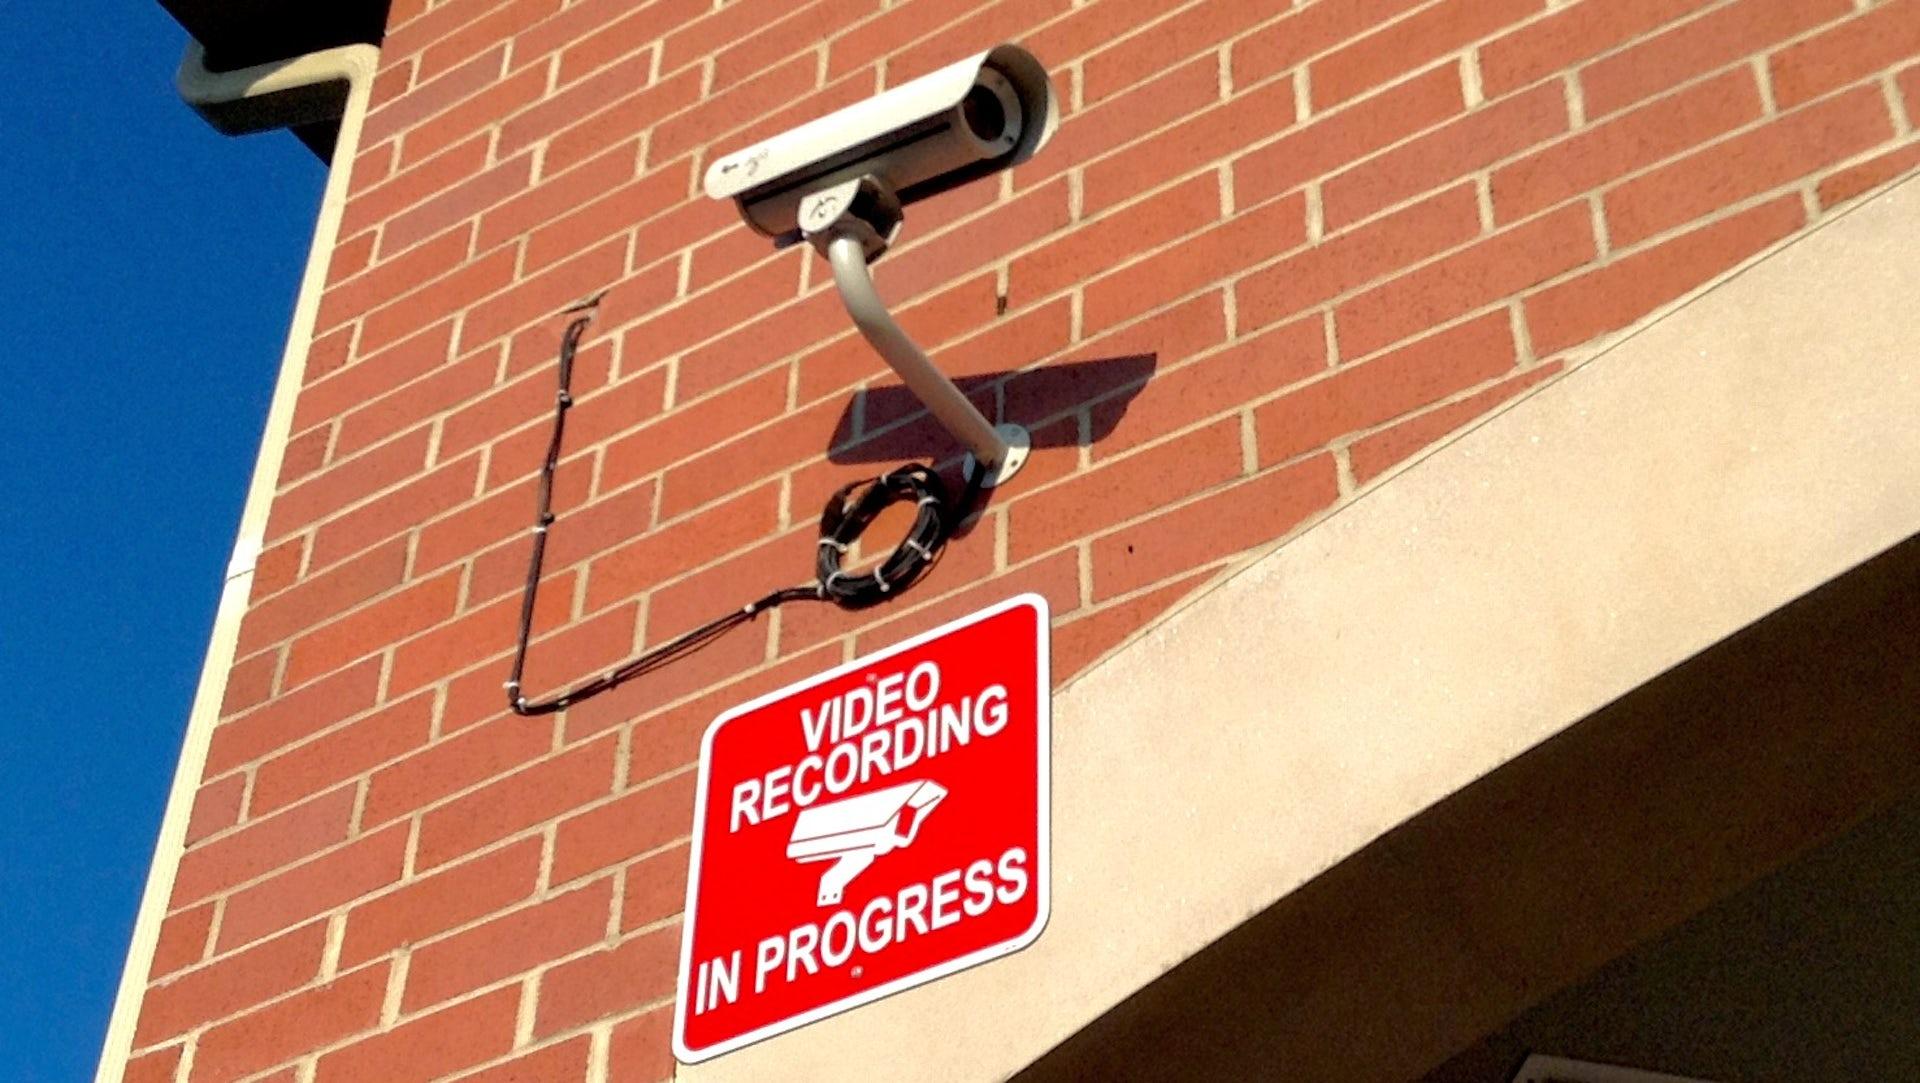 Vidéo de surveillance. Mike Mozart/Wikipedia, CC BY